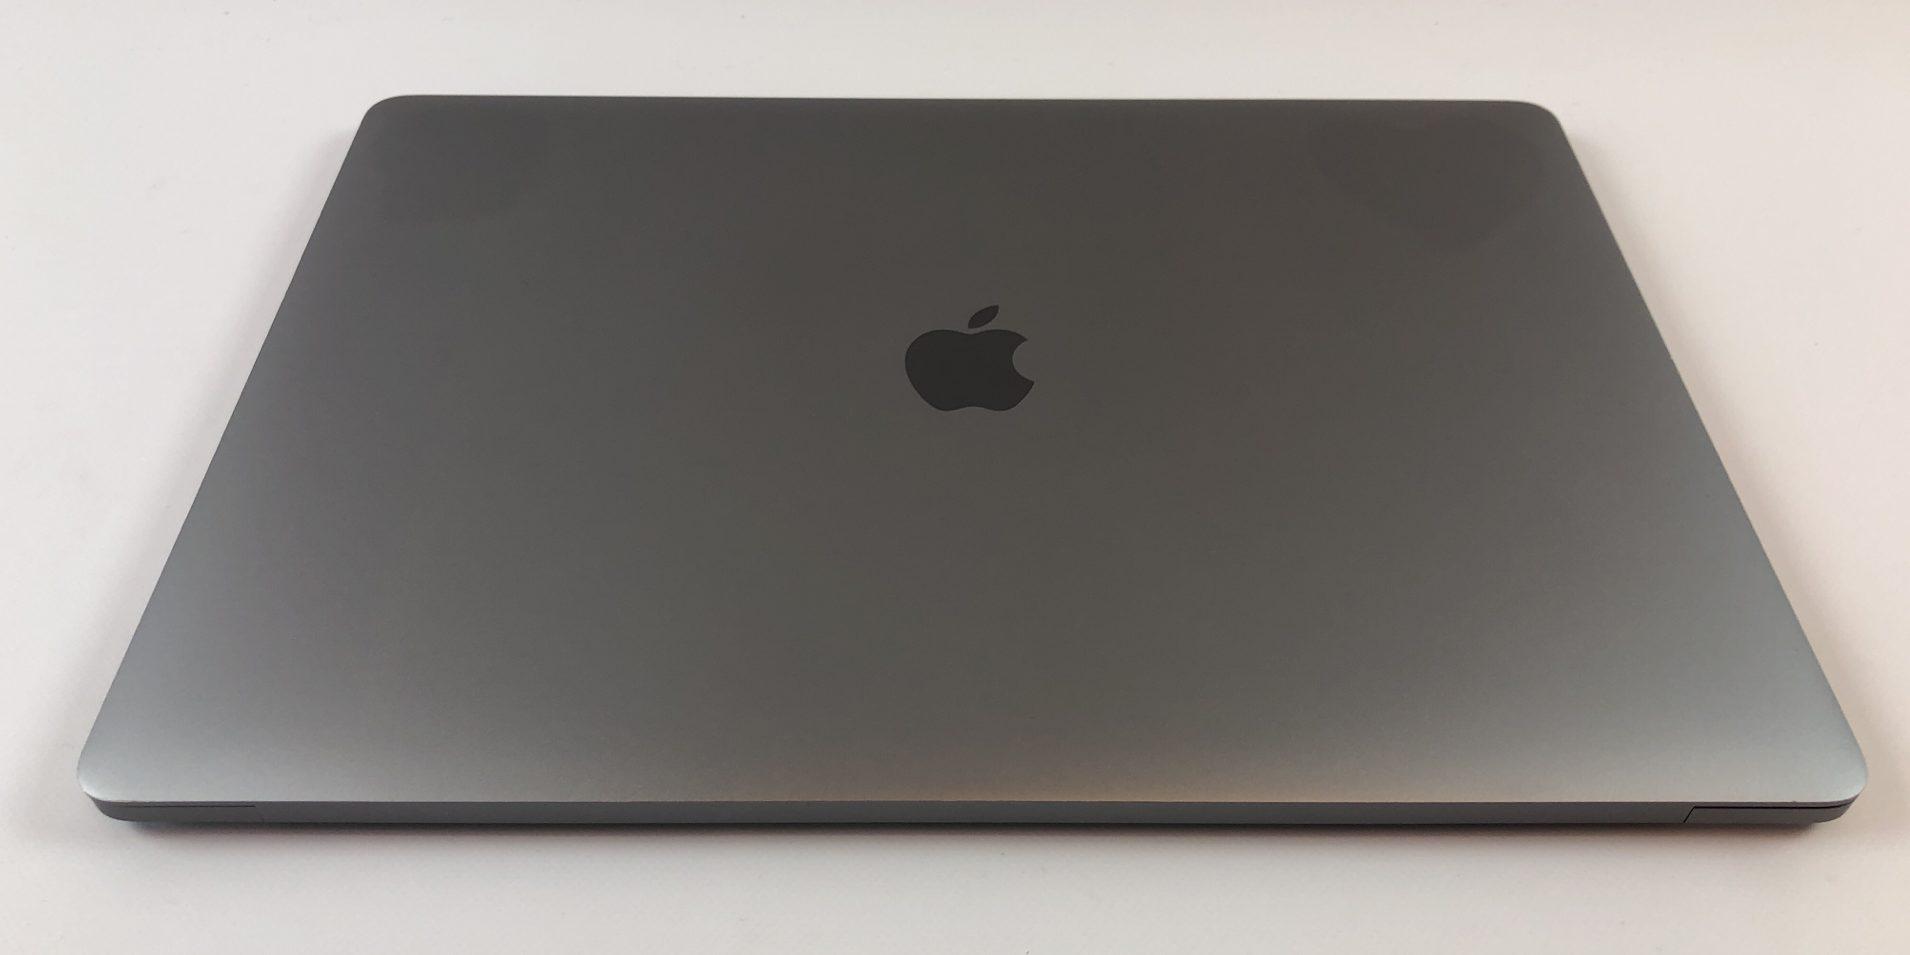 """MacBook Pro 15"""" Touch Bar Mid 2017 (Intel Quad-Core i7 2.9 GHz 16 GB RAM 512 GB SSD), Space Gray, Intel Quad-Core i7 2.9 GHz, 16 GB RAM, 512 GB SSD, Kuva 2"""